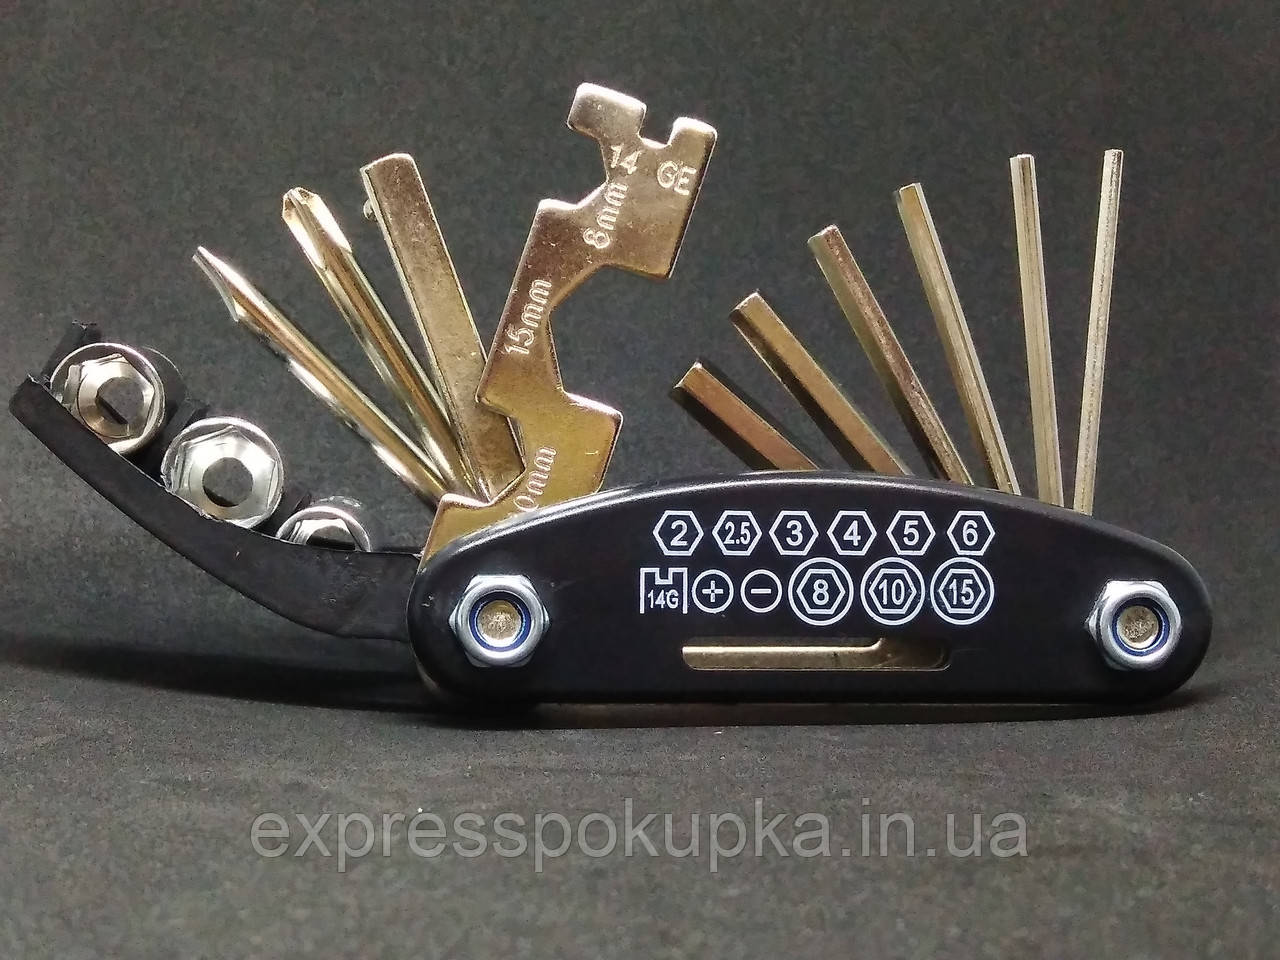 Компактный набор, Мультитул ROCKBROS | Набор многофункциональных инструментов для велипеда 16 в 1